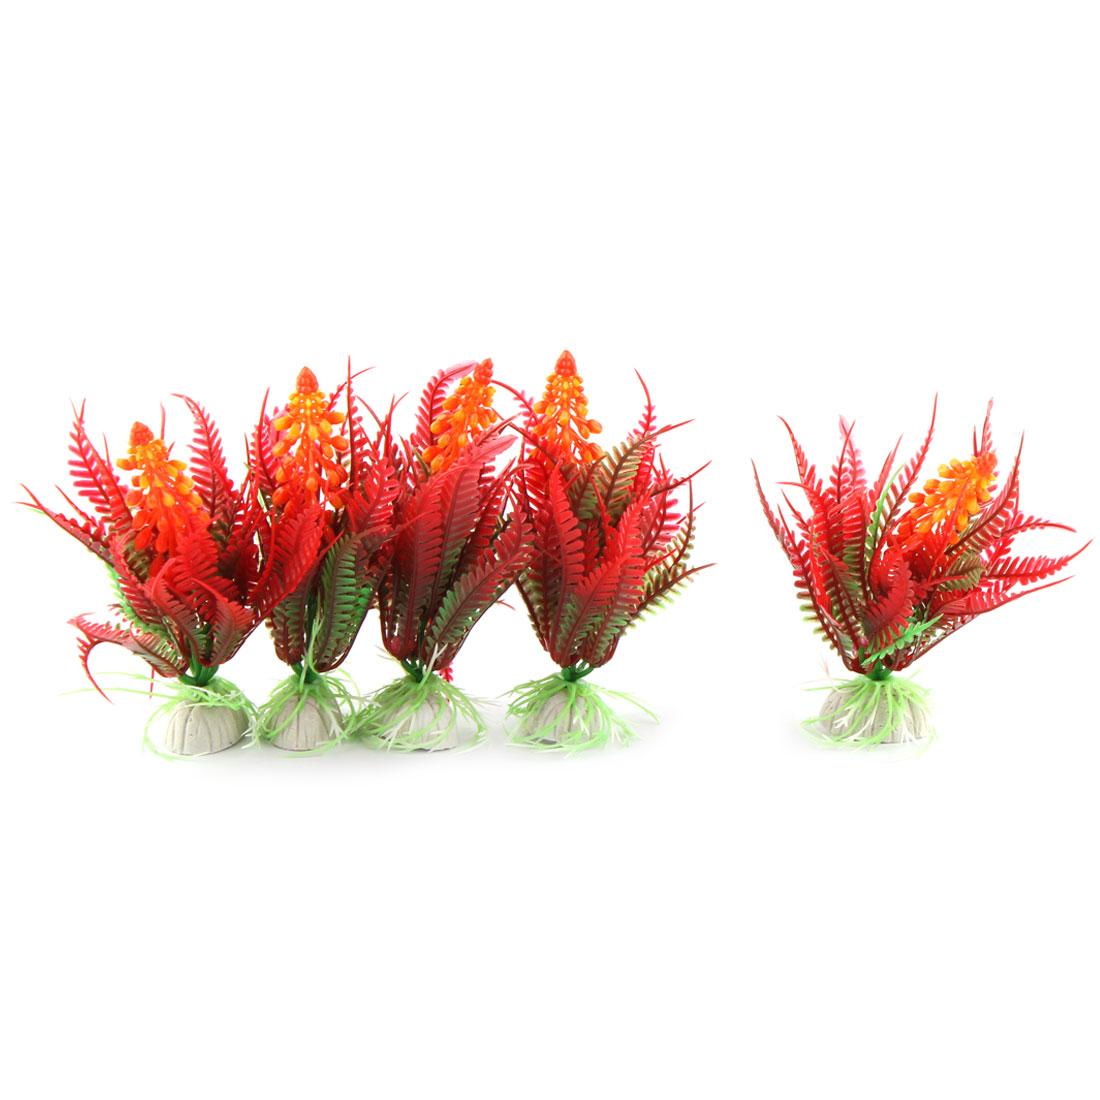 Aquarium Decor Plastic Emulational Artificial Water Plants Green Red 5 Pcs